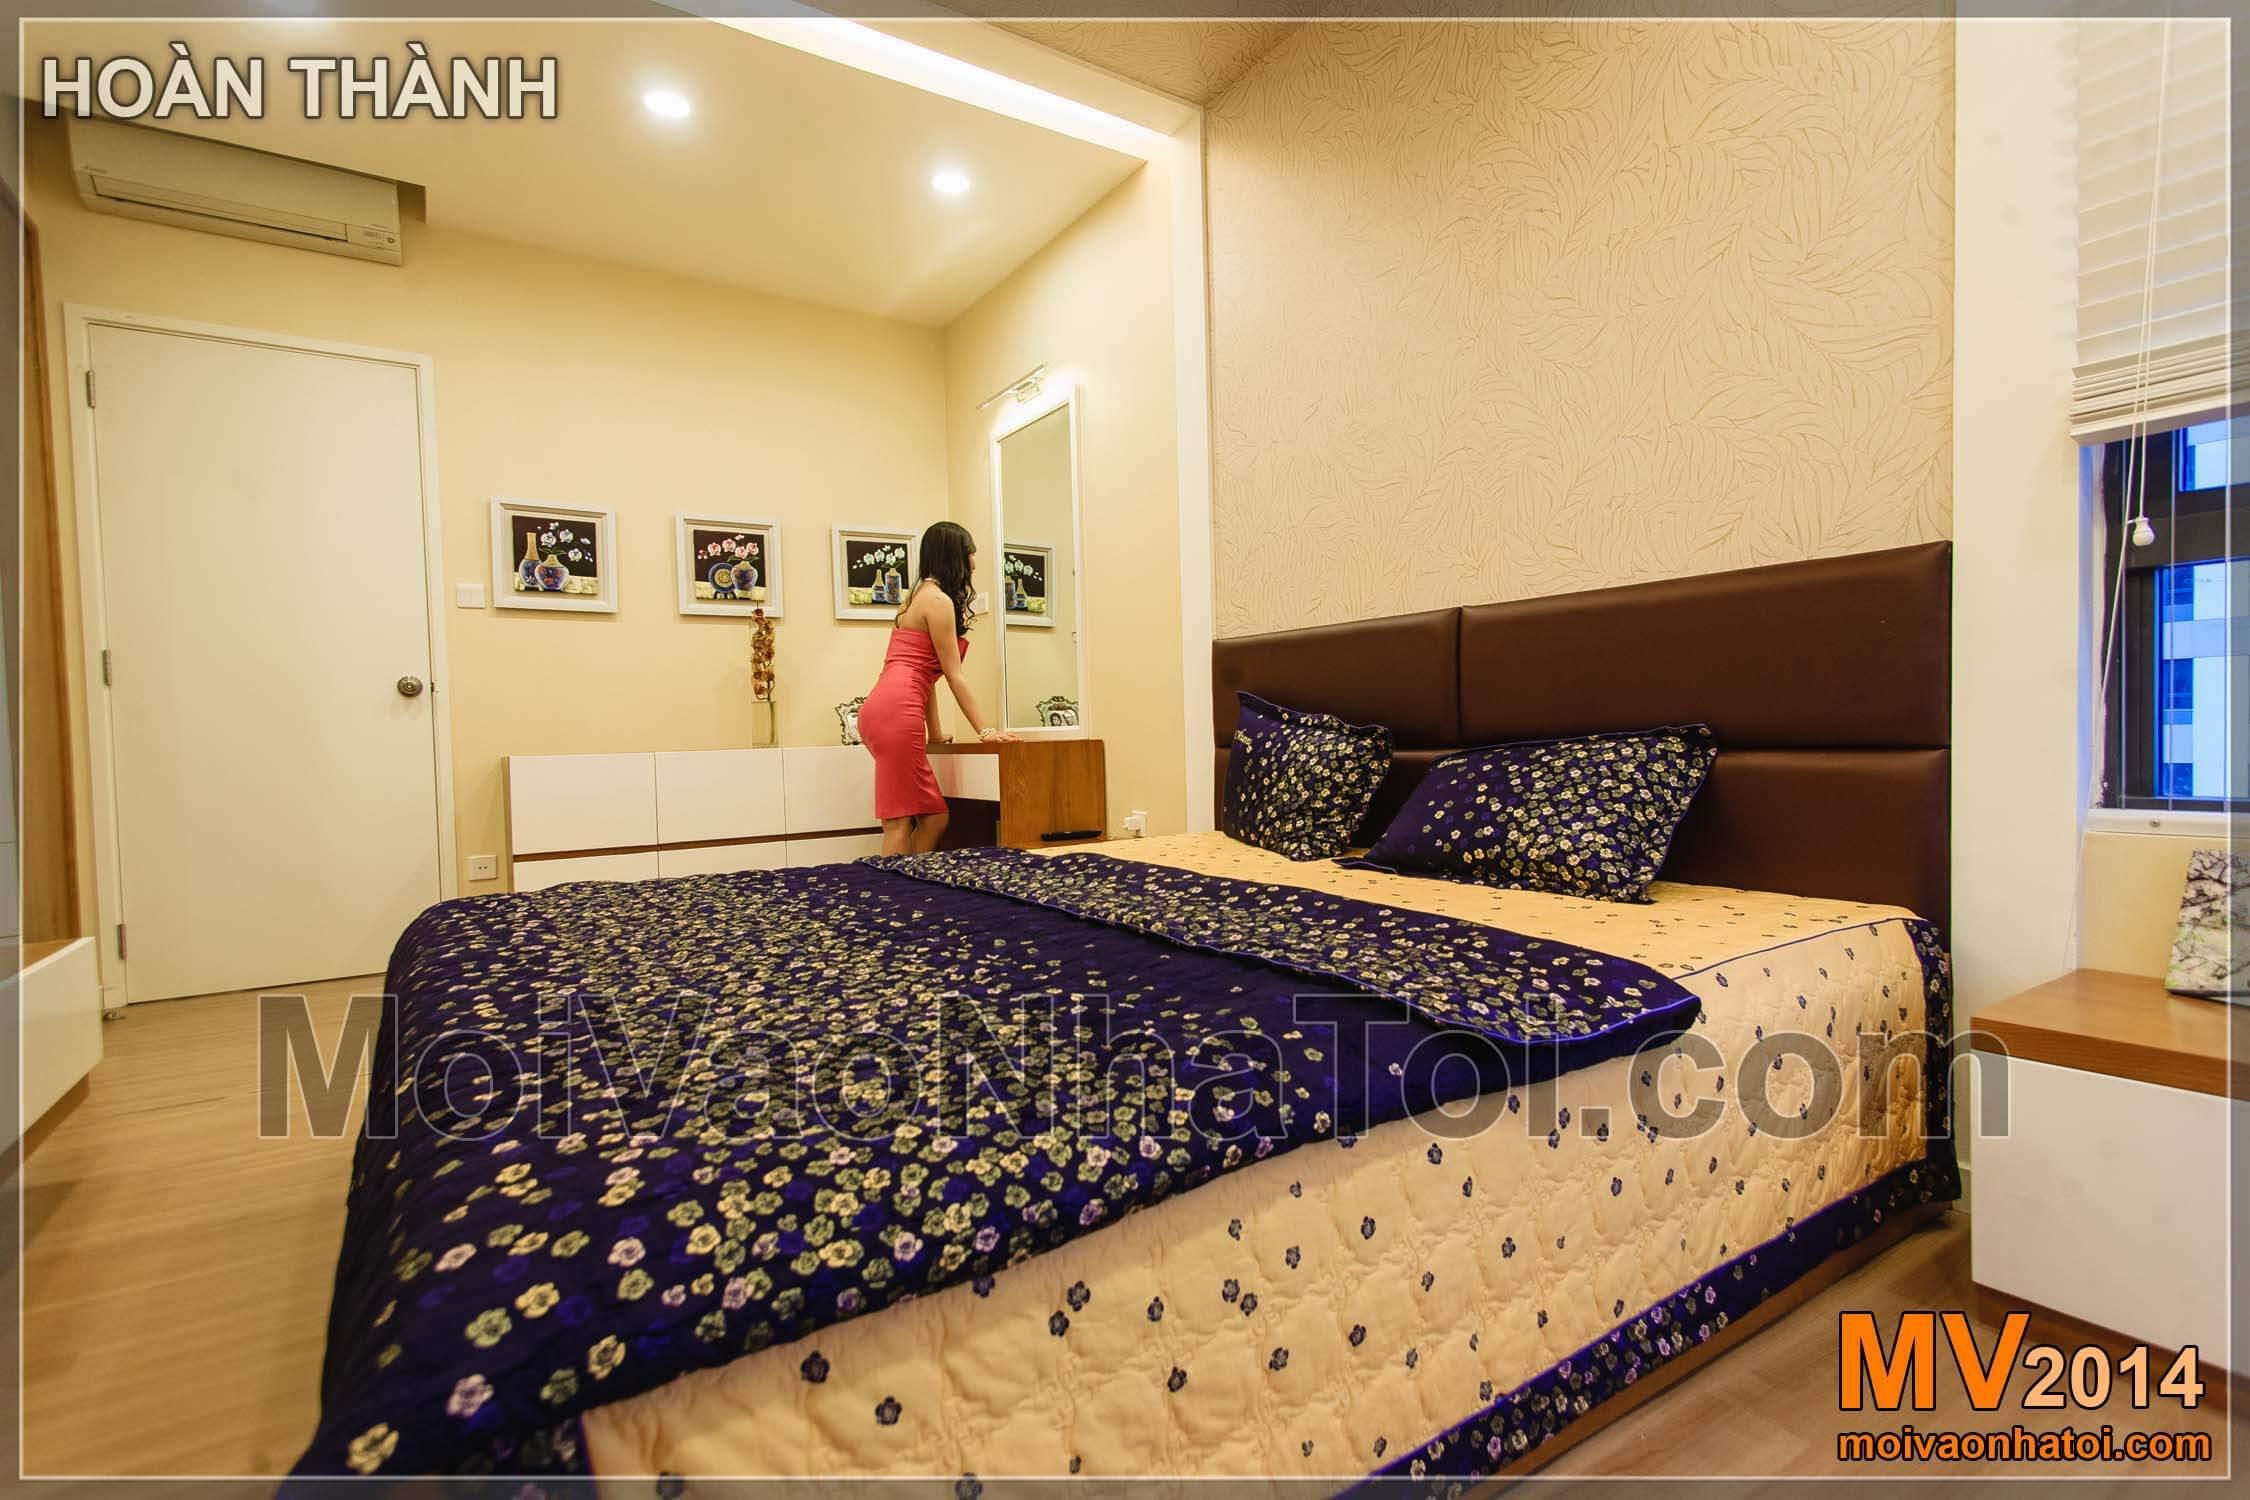 Chung cư Mulberry Lane Căn phòng với tông màu nhẹ nhàng, ấm